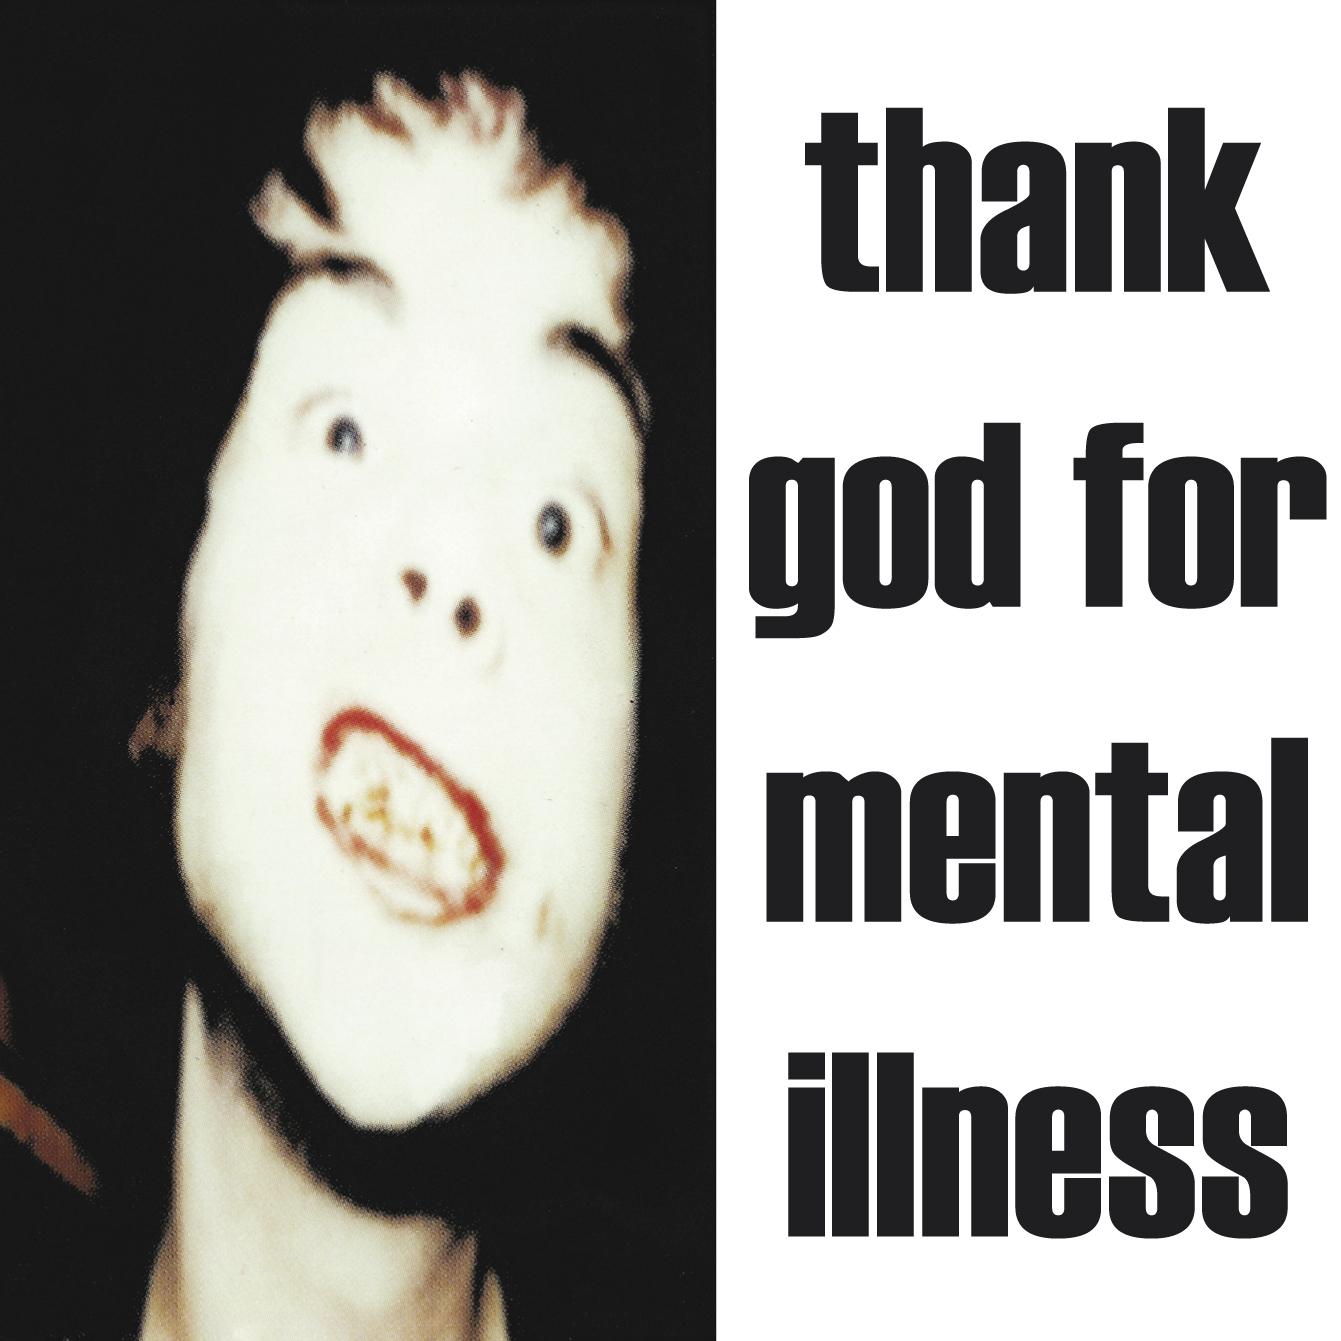 thankGod